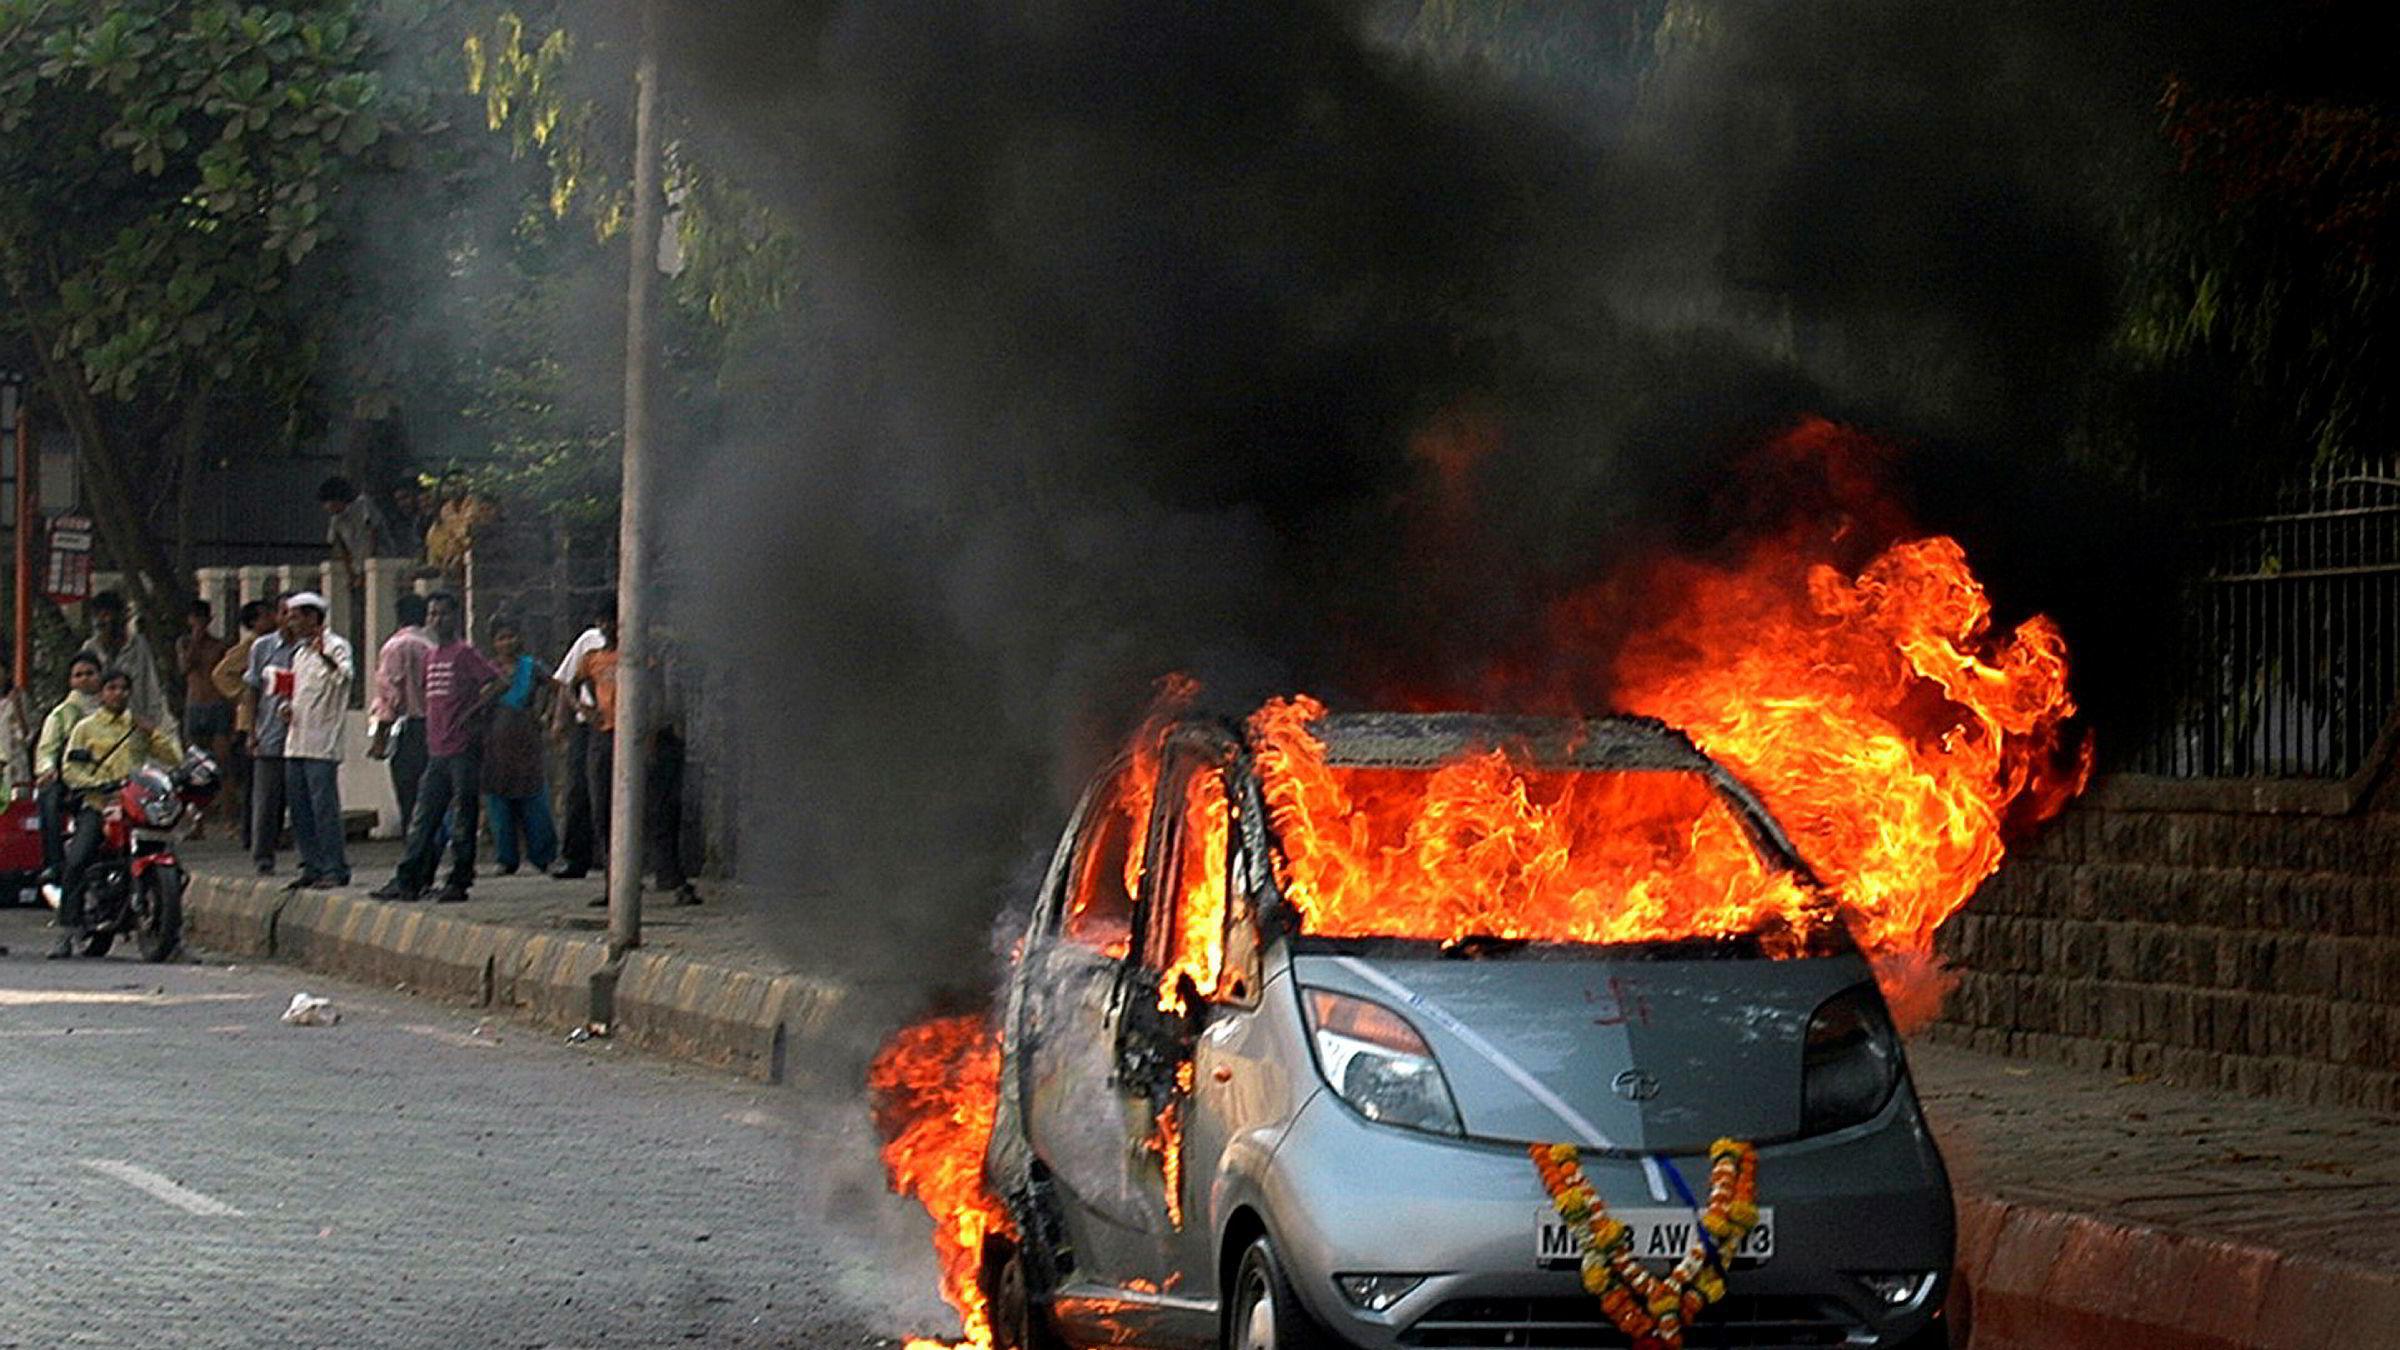 En splitter ny Tata Nano tok fyr i Mumbai i 2010 - få kilometer etter at den hadde kjørt ut fra bilforhandleren. Flere kjøpere av «verdens billigste bil» fikk samme opplevelse.